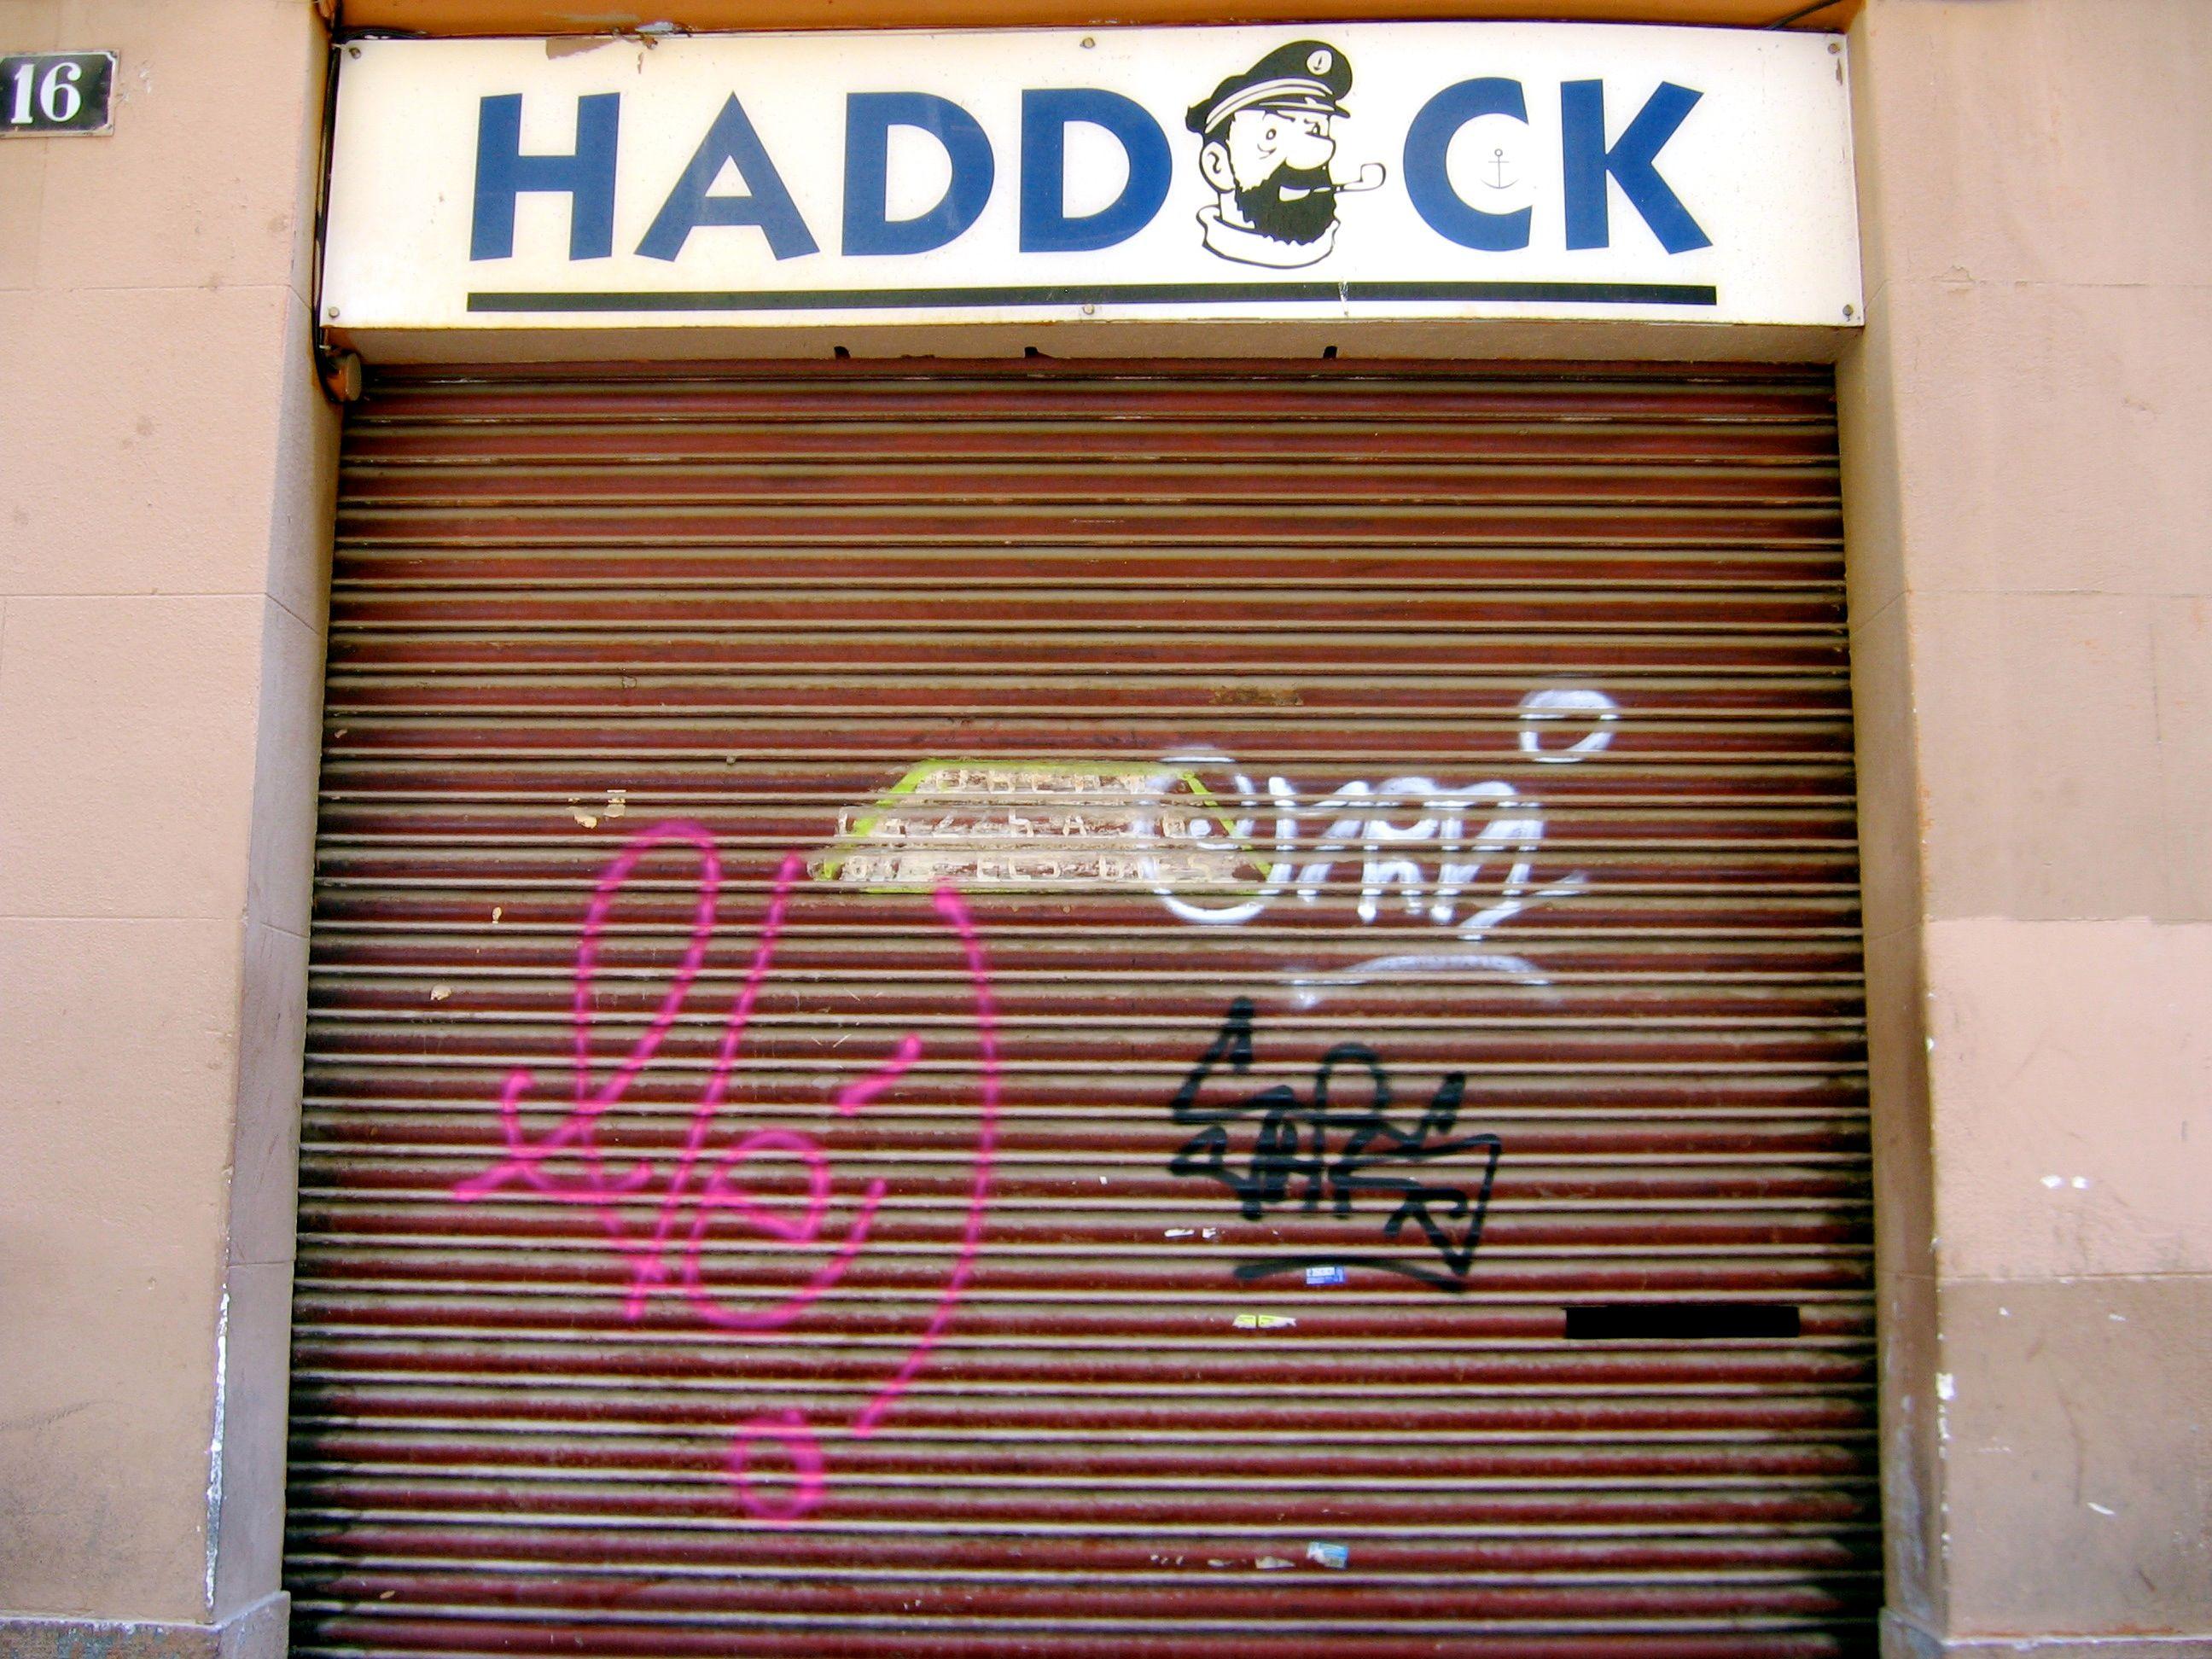 haddock 1102173241 o